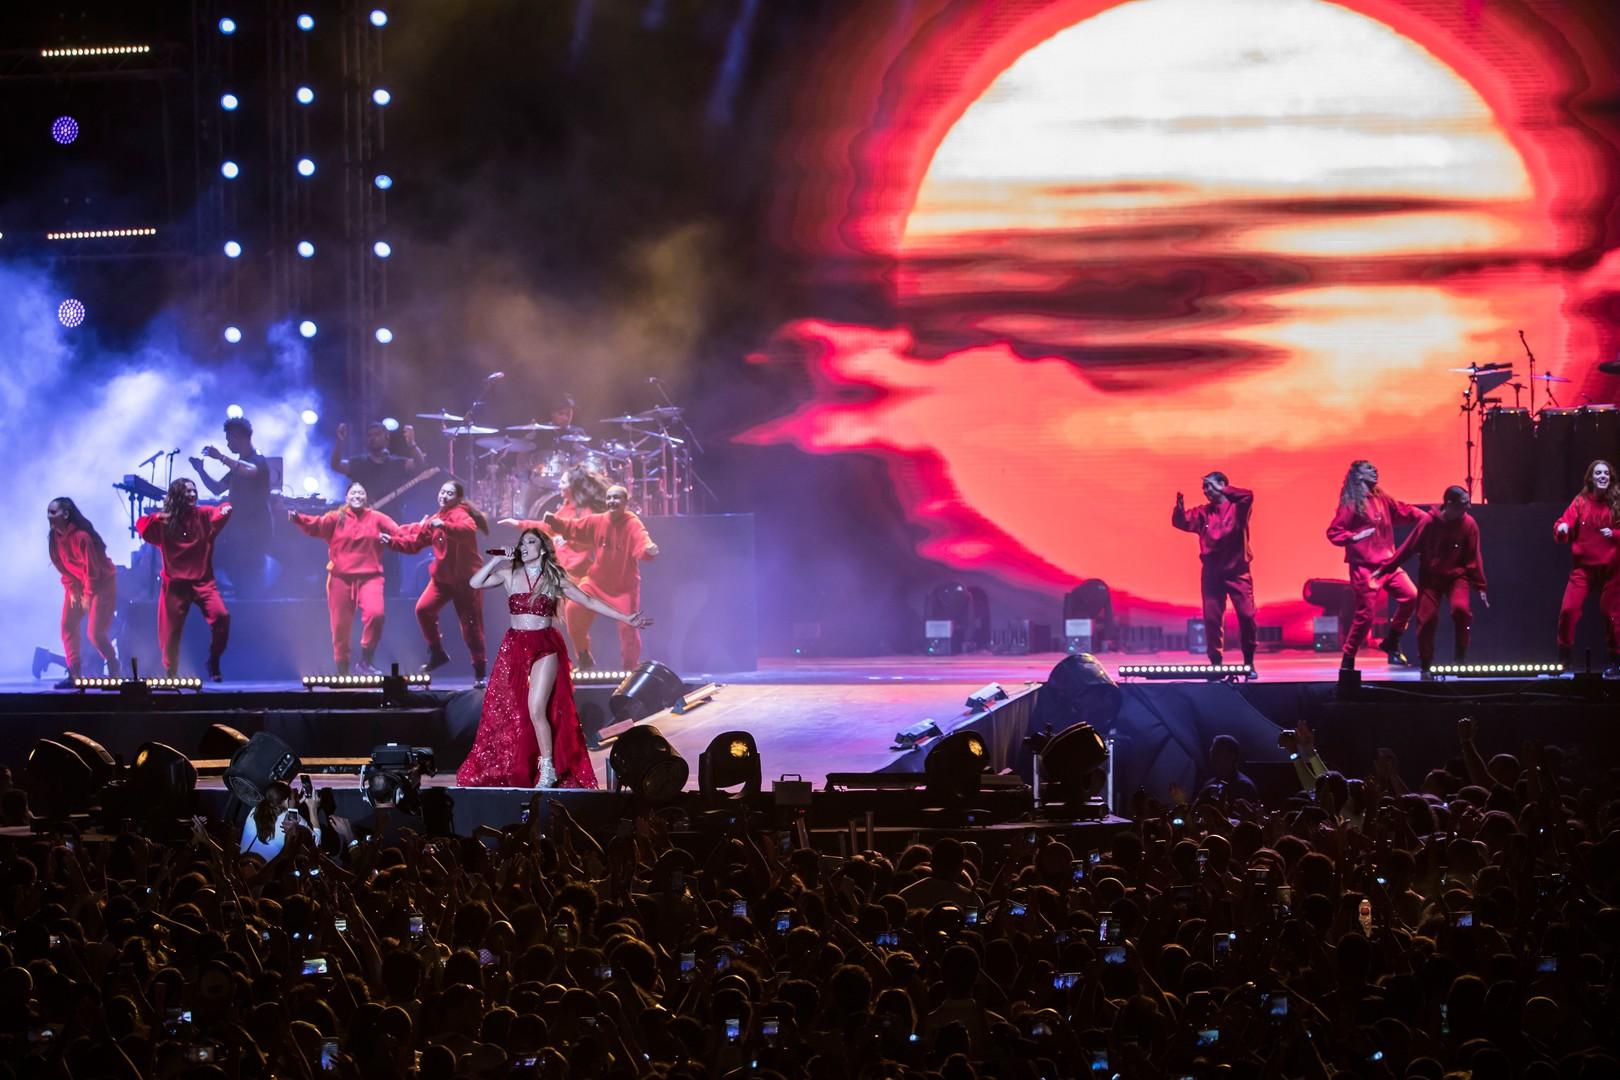 جينيفر لوبيز تحيي أول حفل لها في مصر (صور)